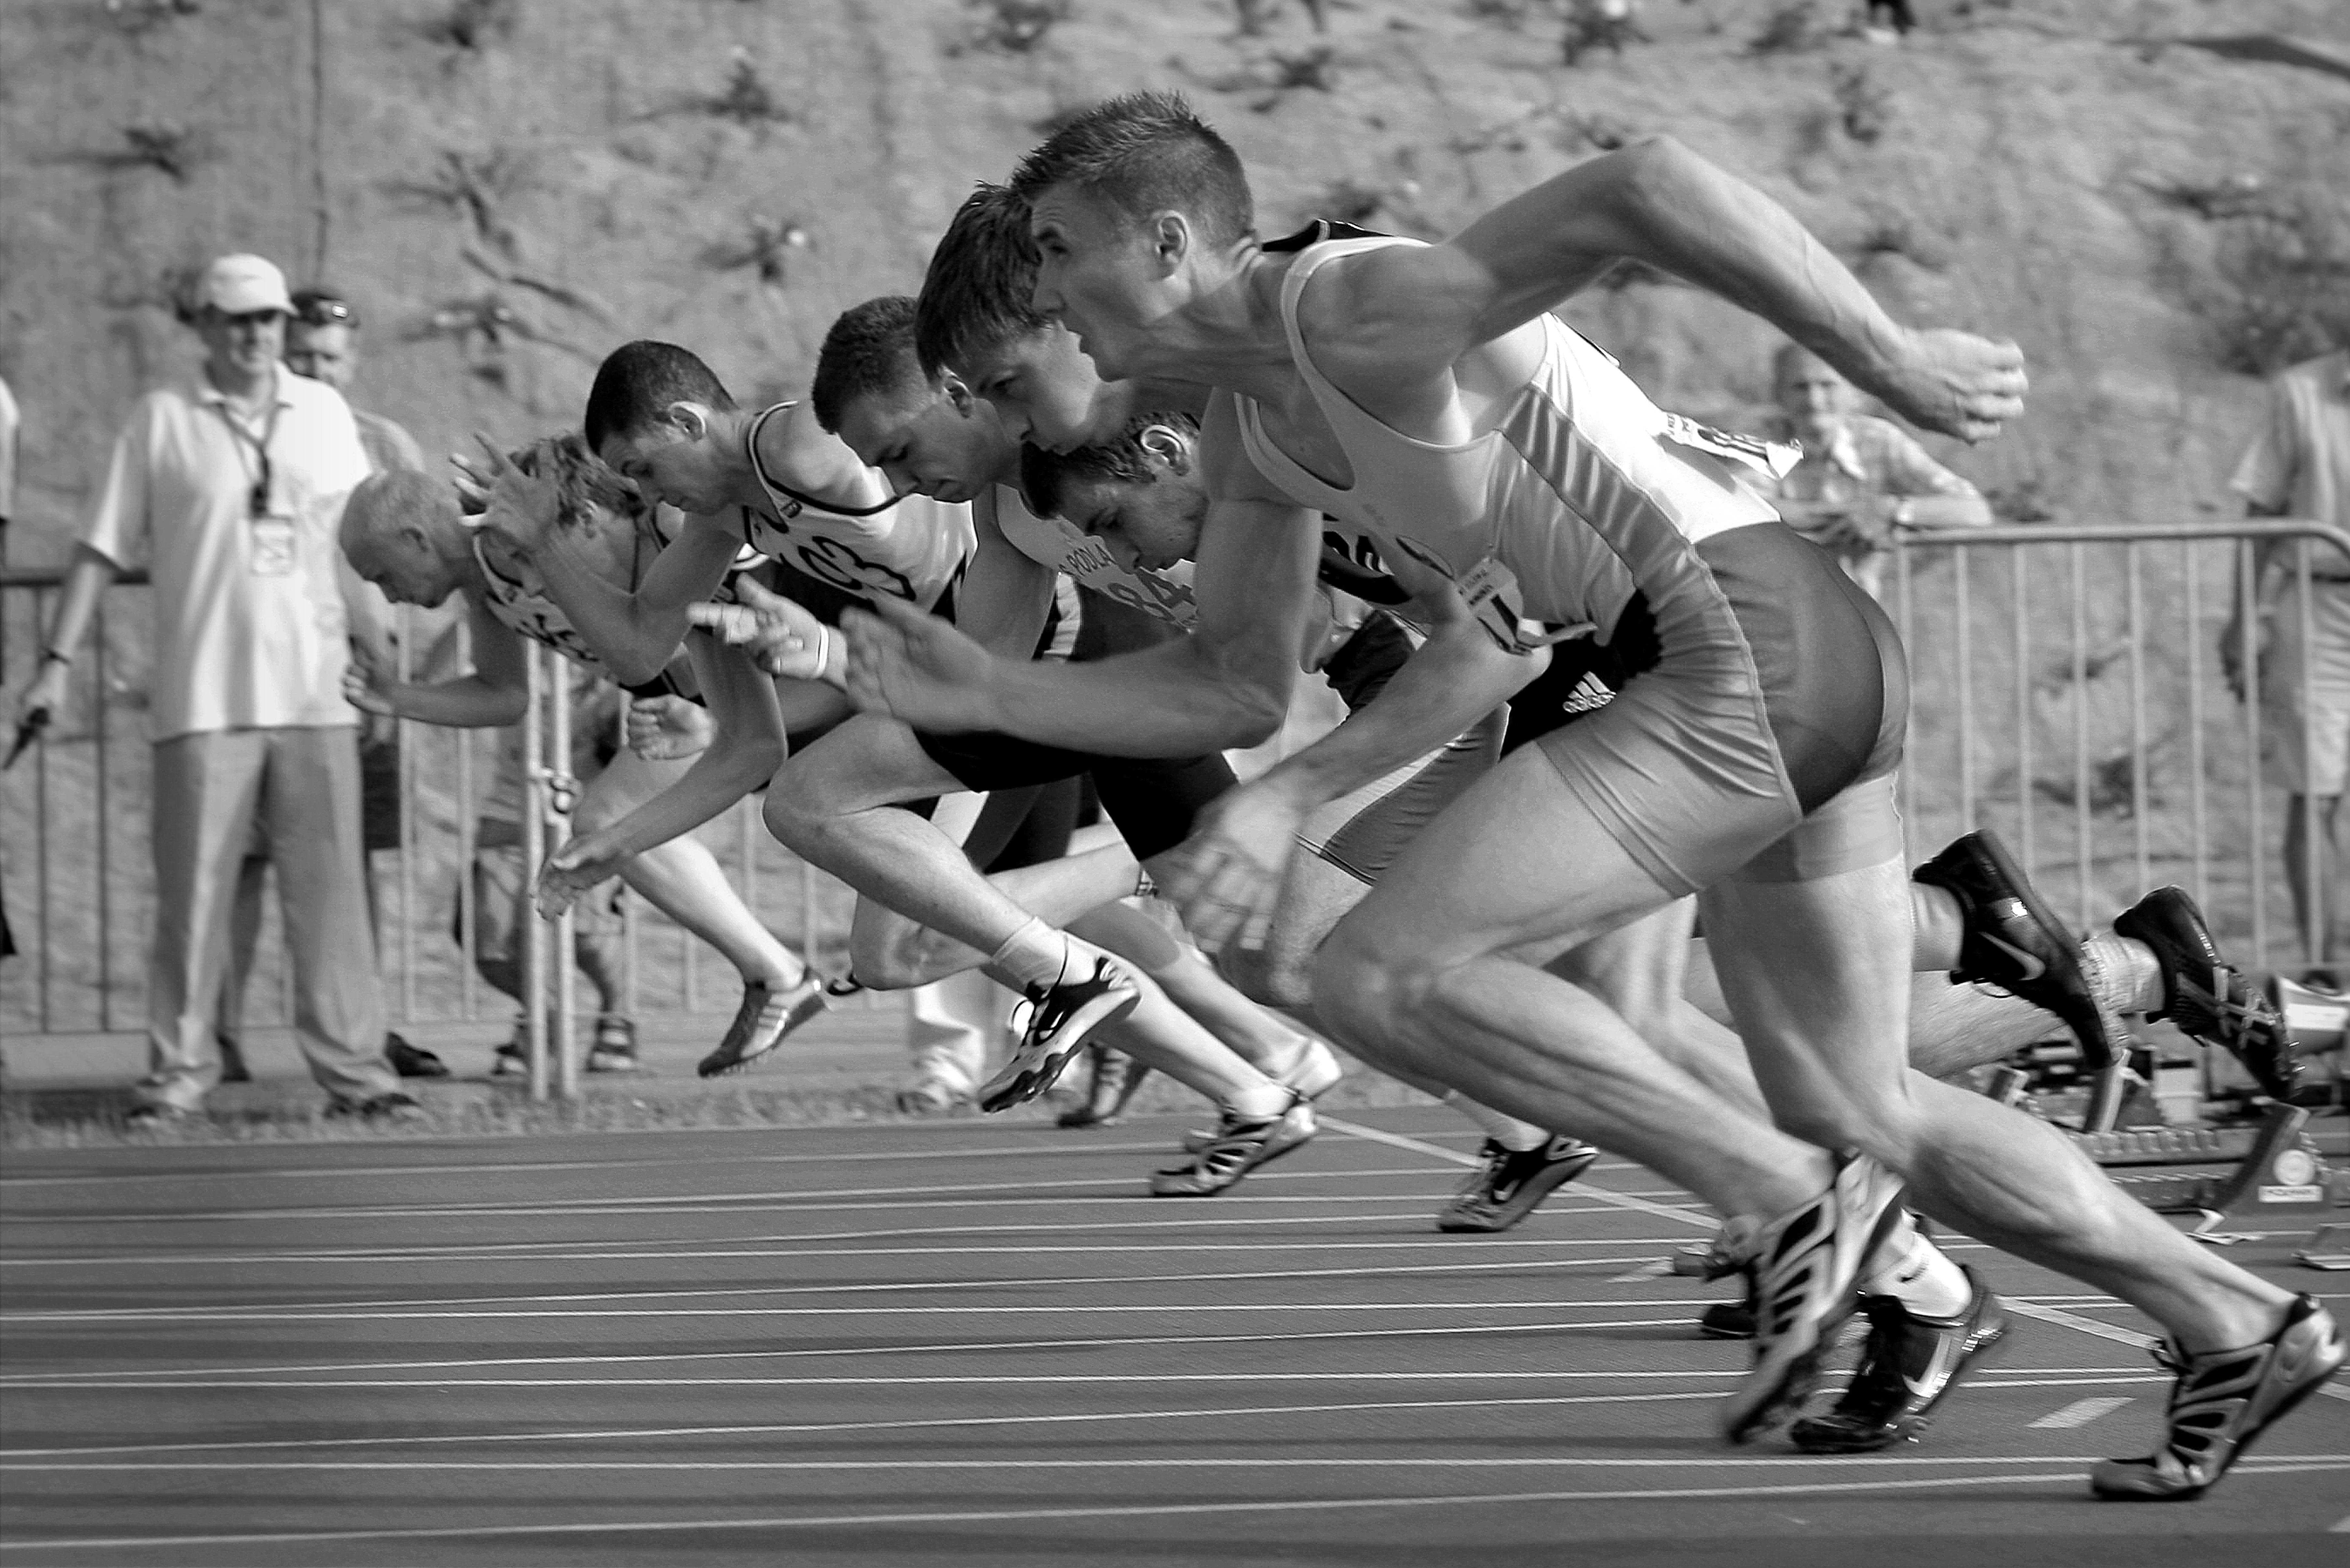 pessoas-correndo-atletas-pista-sedentarismo